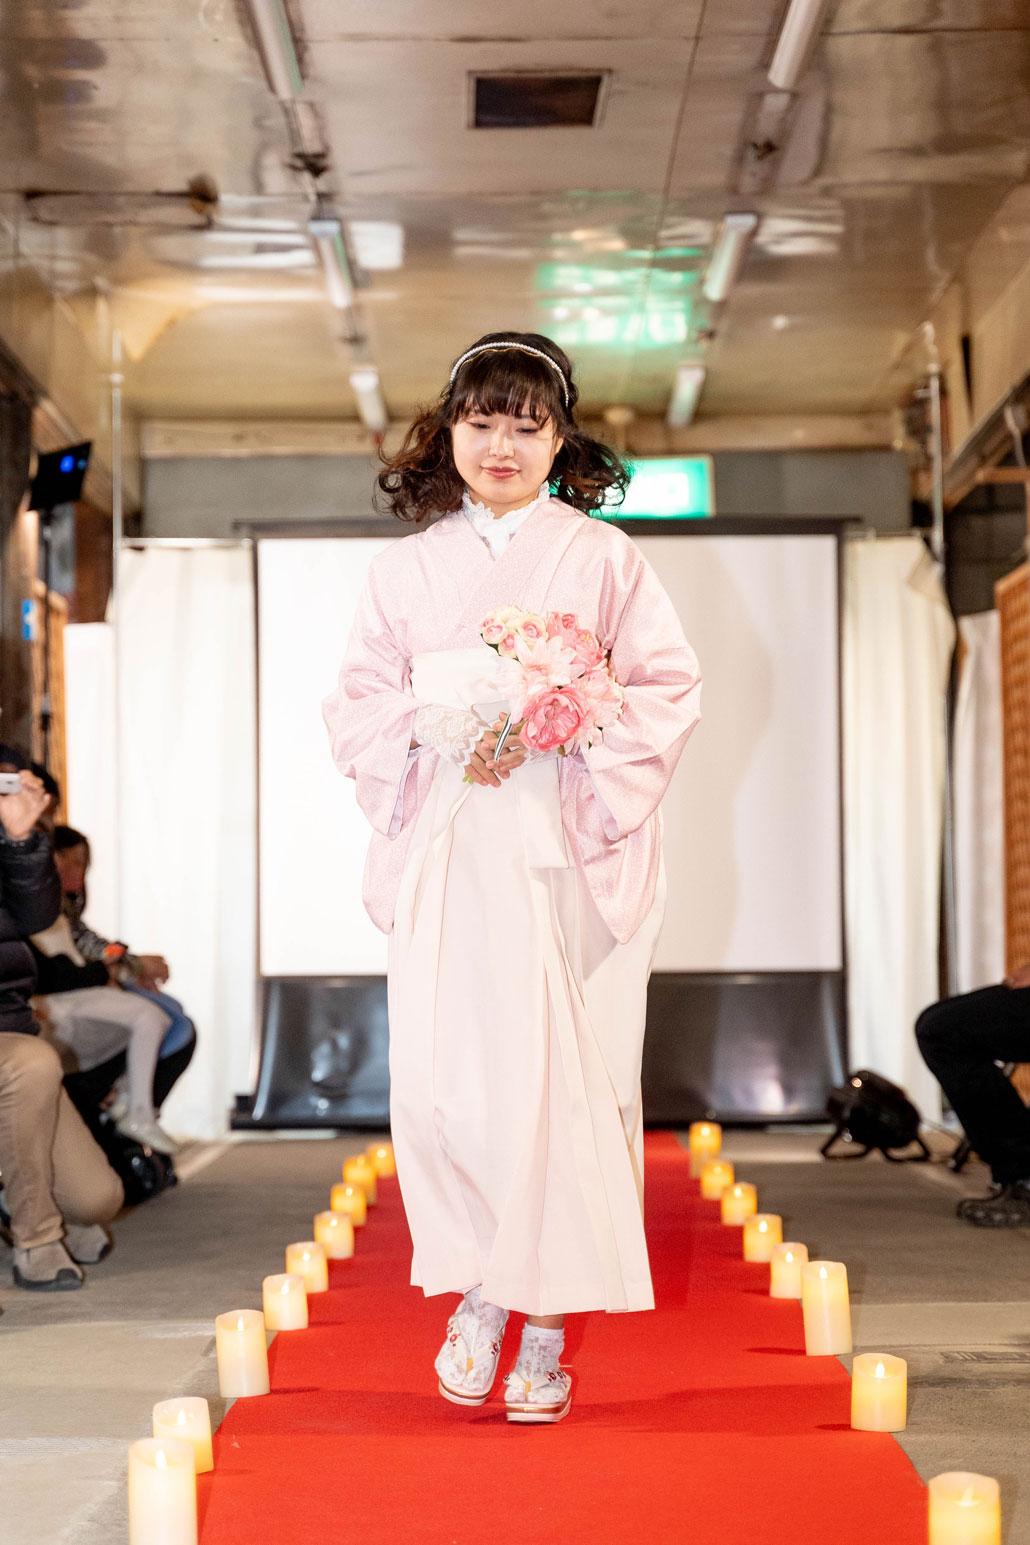 「変化を楽しむキモノショー」着物と袴のコーディネート画像